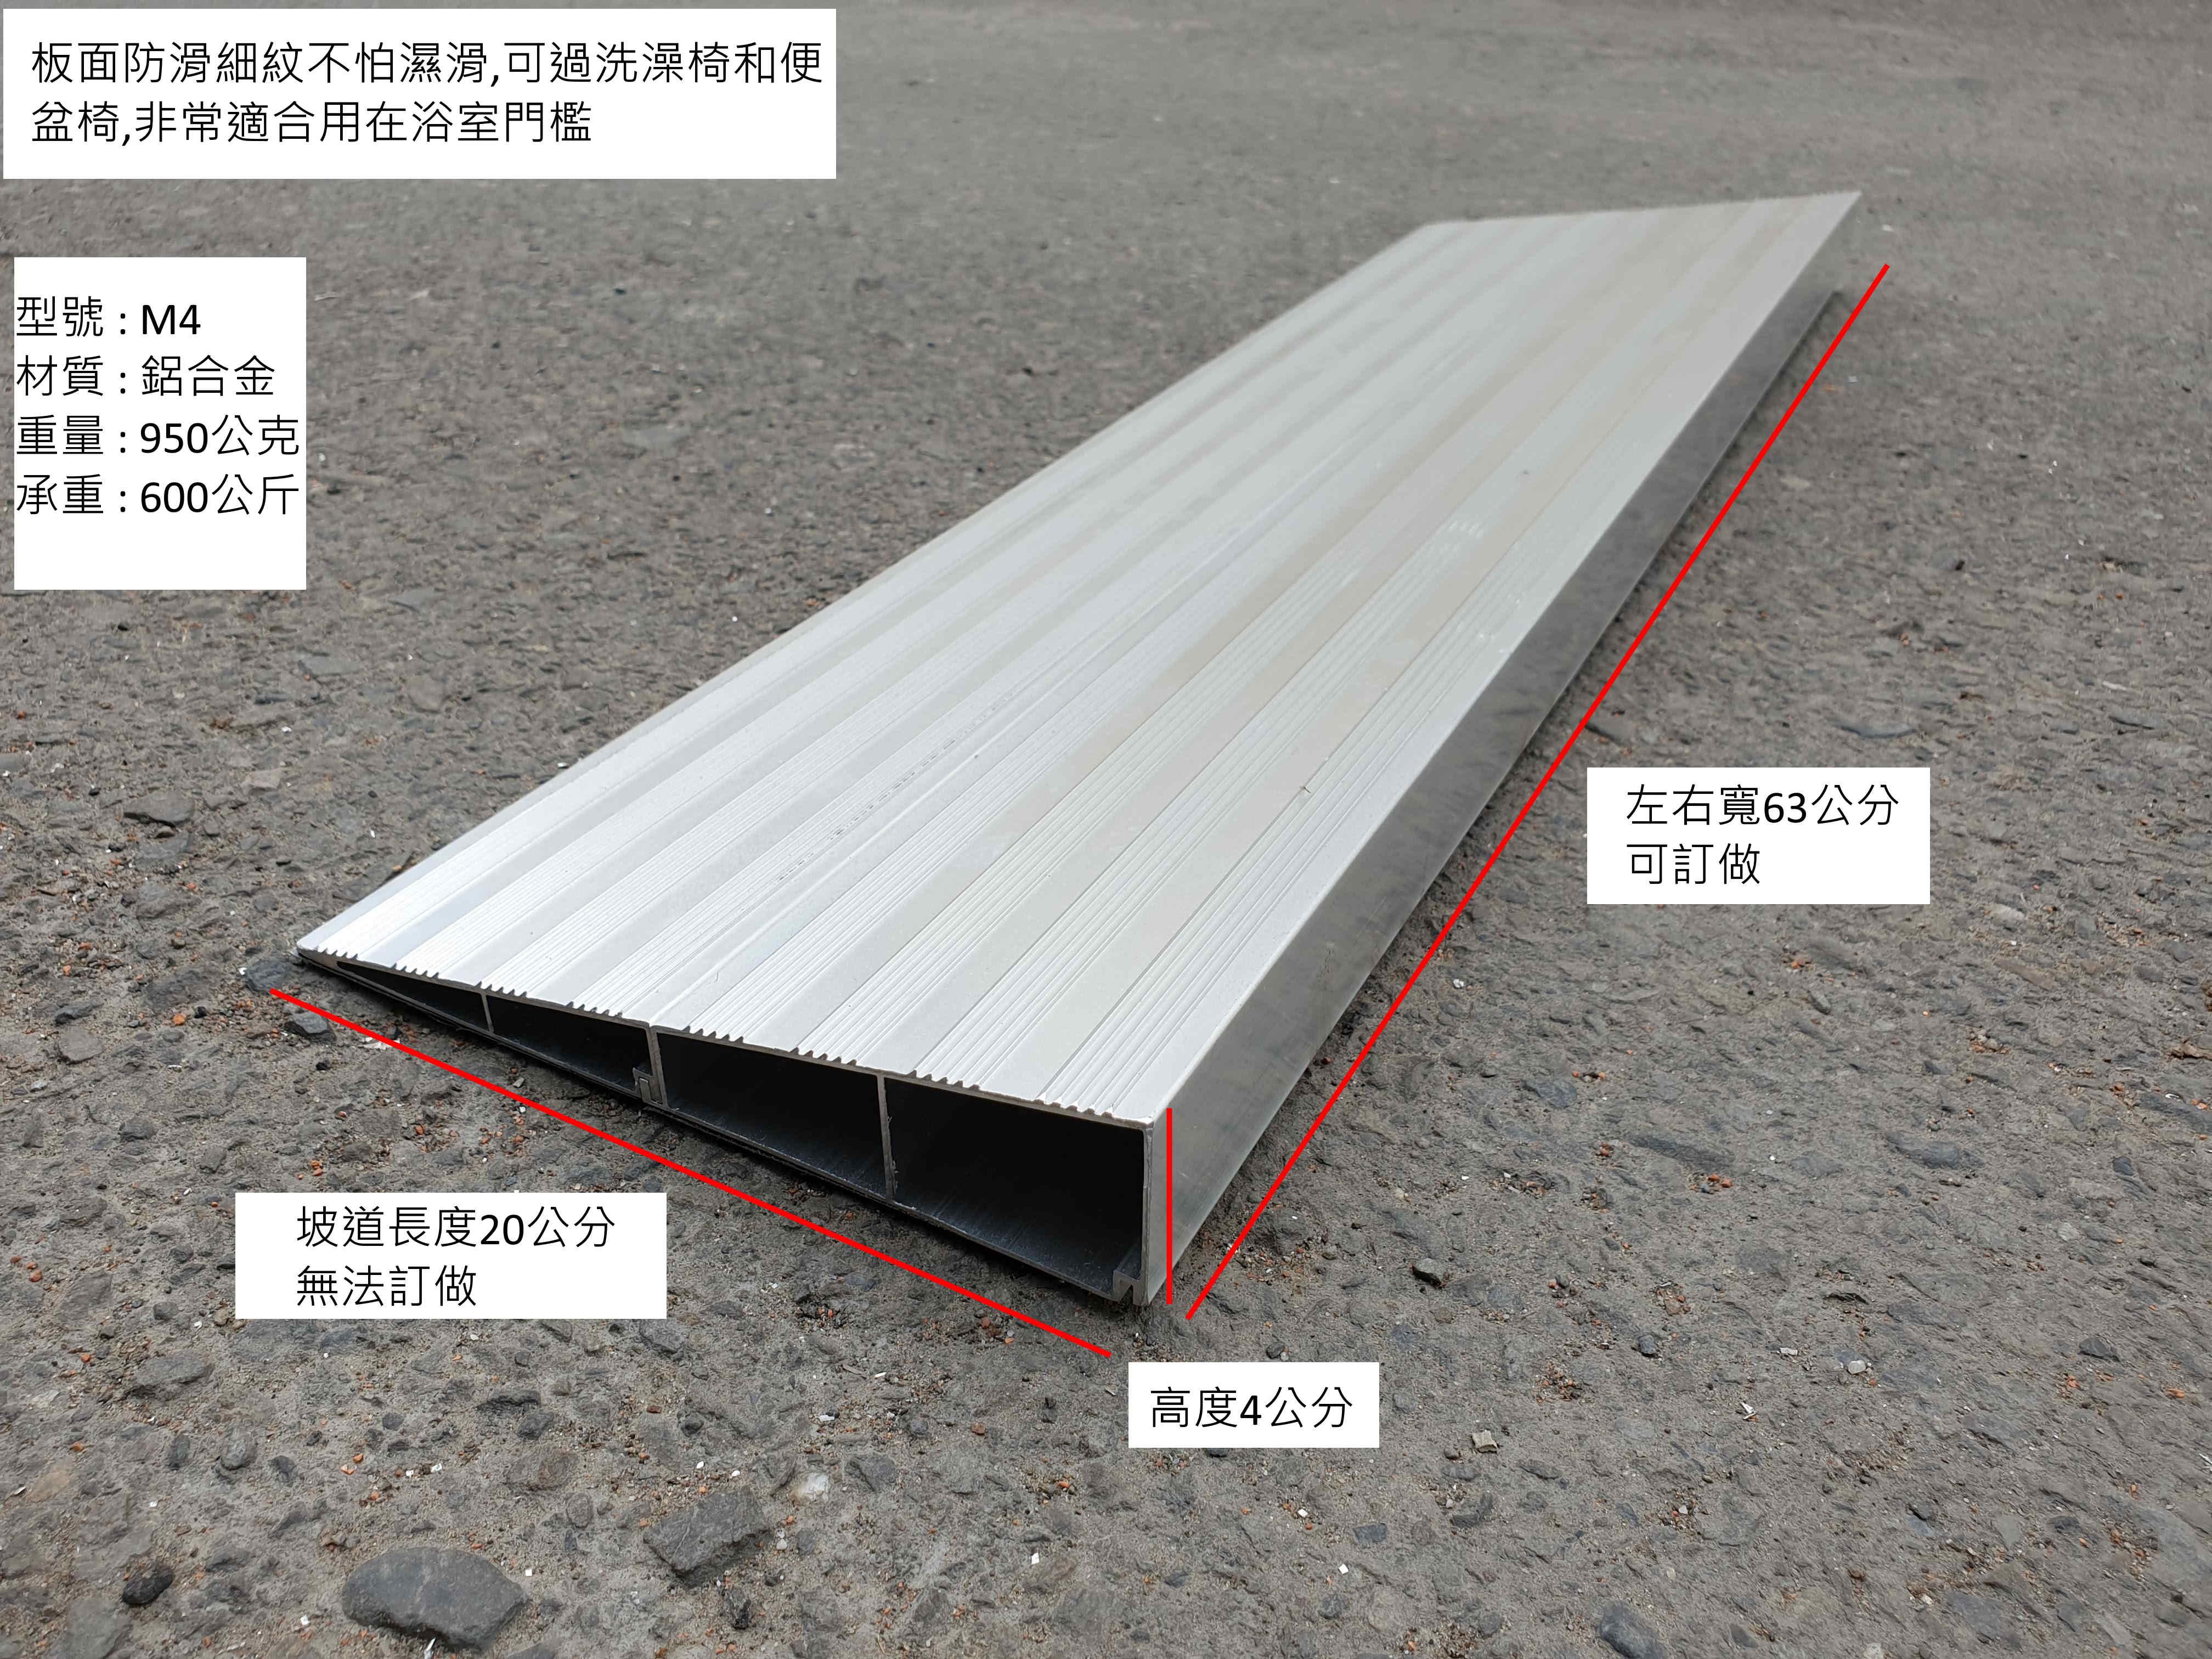 門檻斜坡板組合式 型號M4